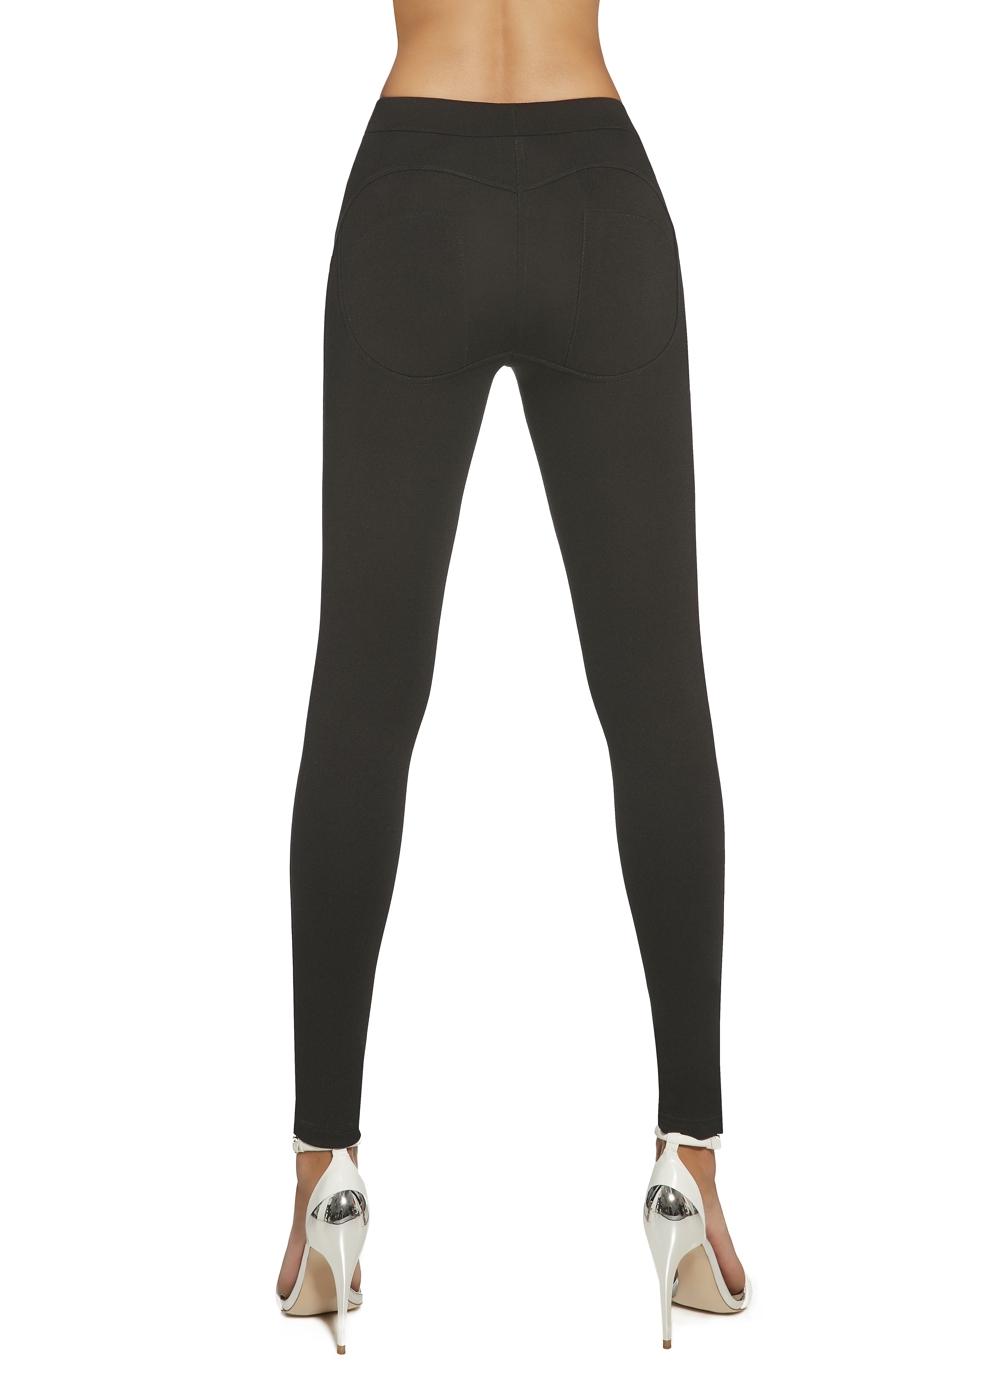 Bas Bleu Livia classic push-up body shaping leggings - made in EU 222d6f2cd8